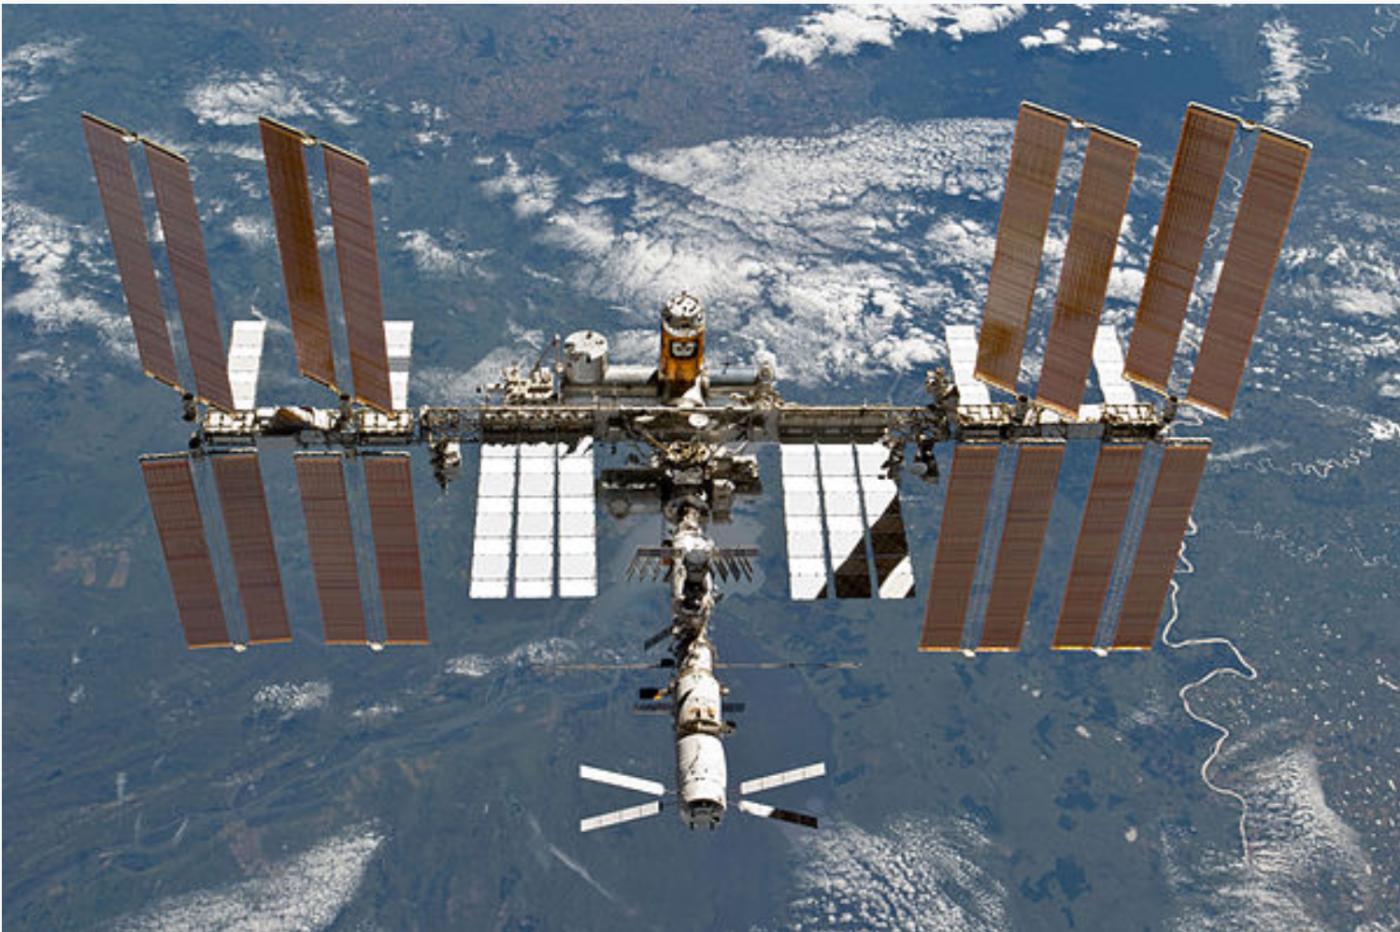 震撼!壮观!SpaceX火箭发射成功_图1-6